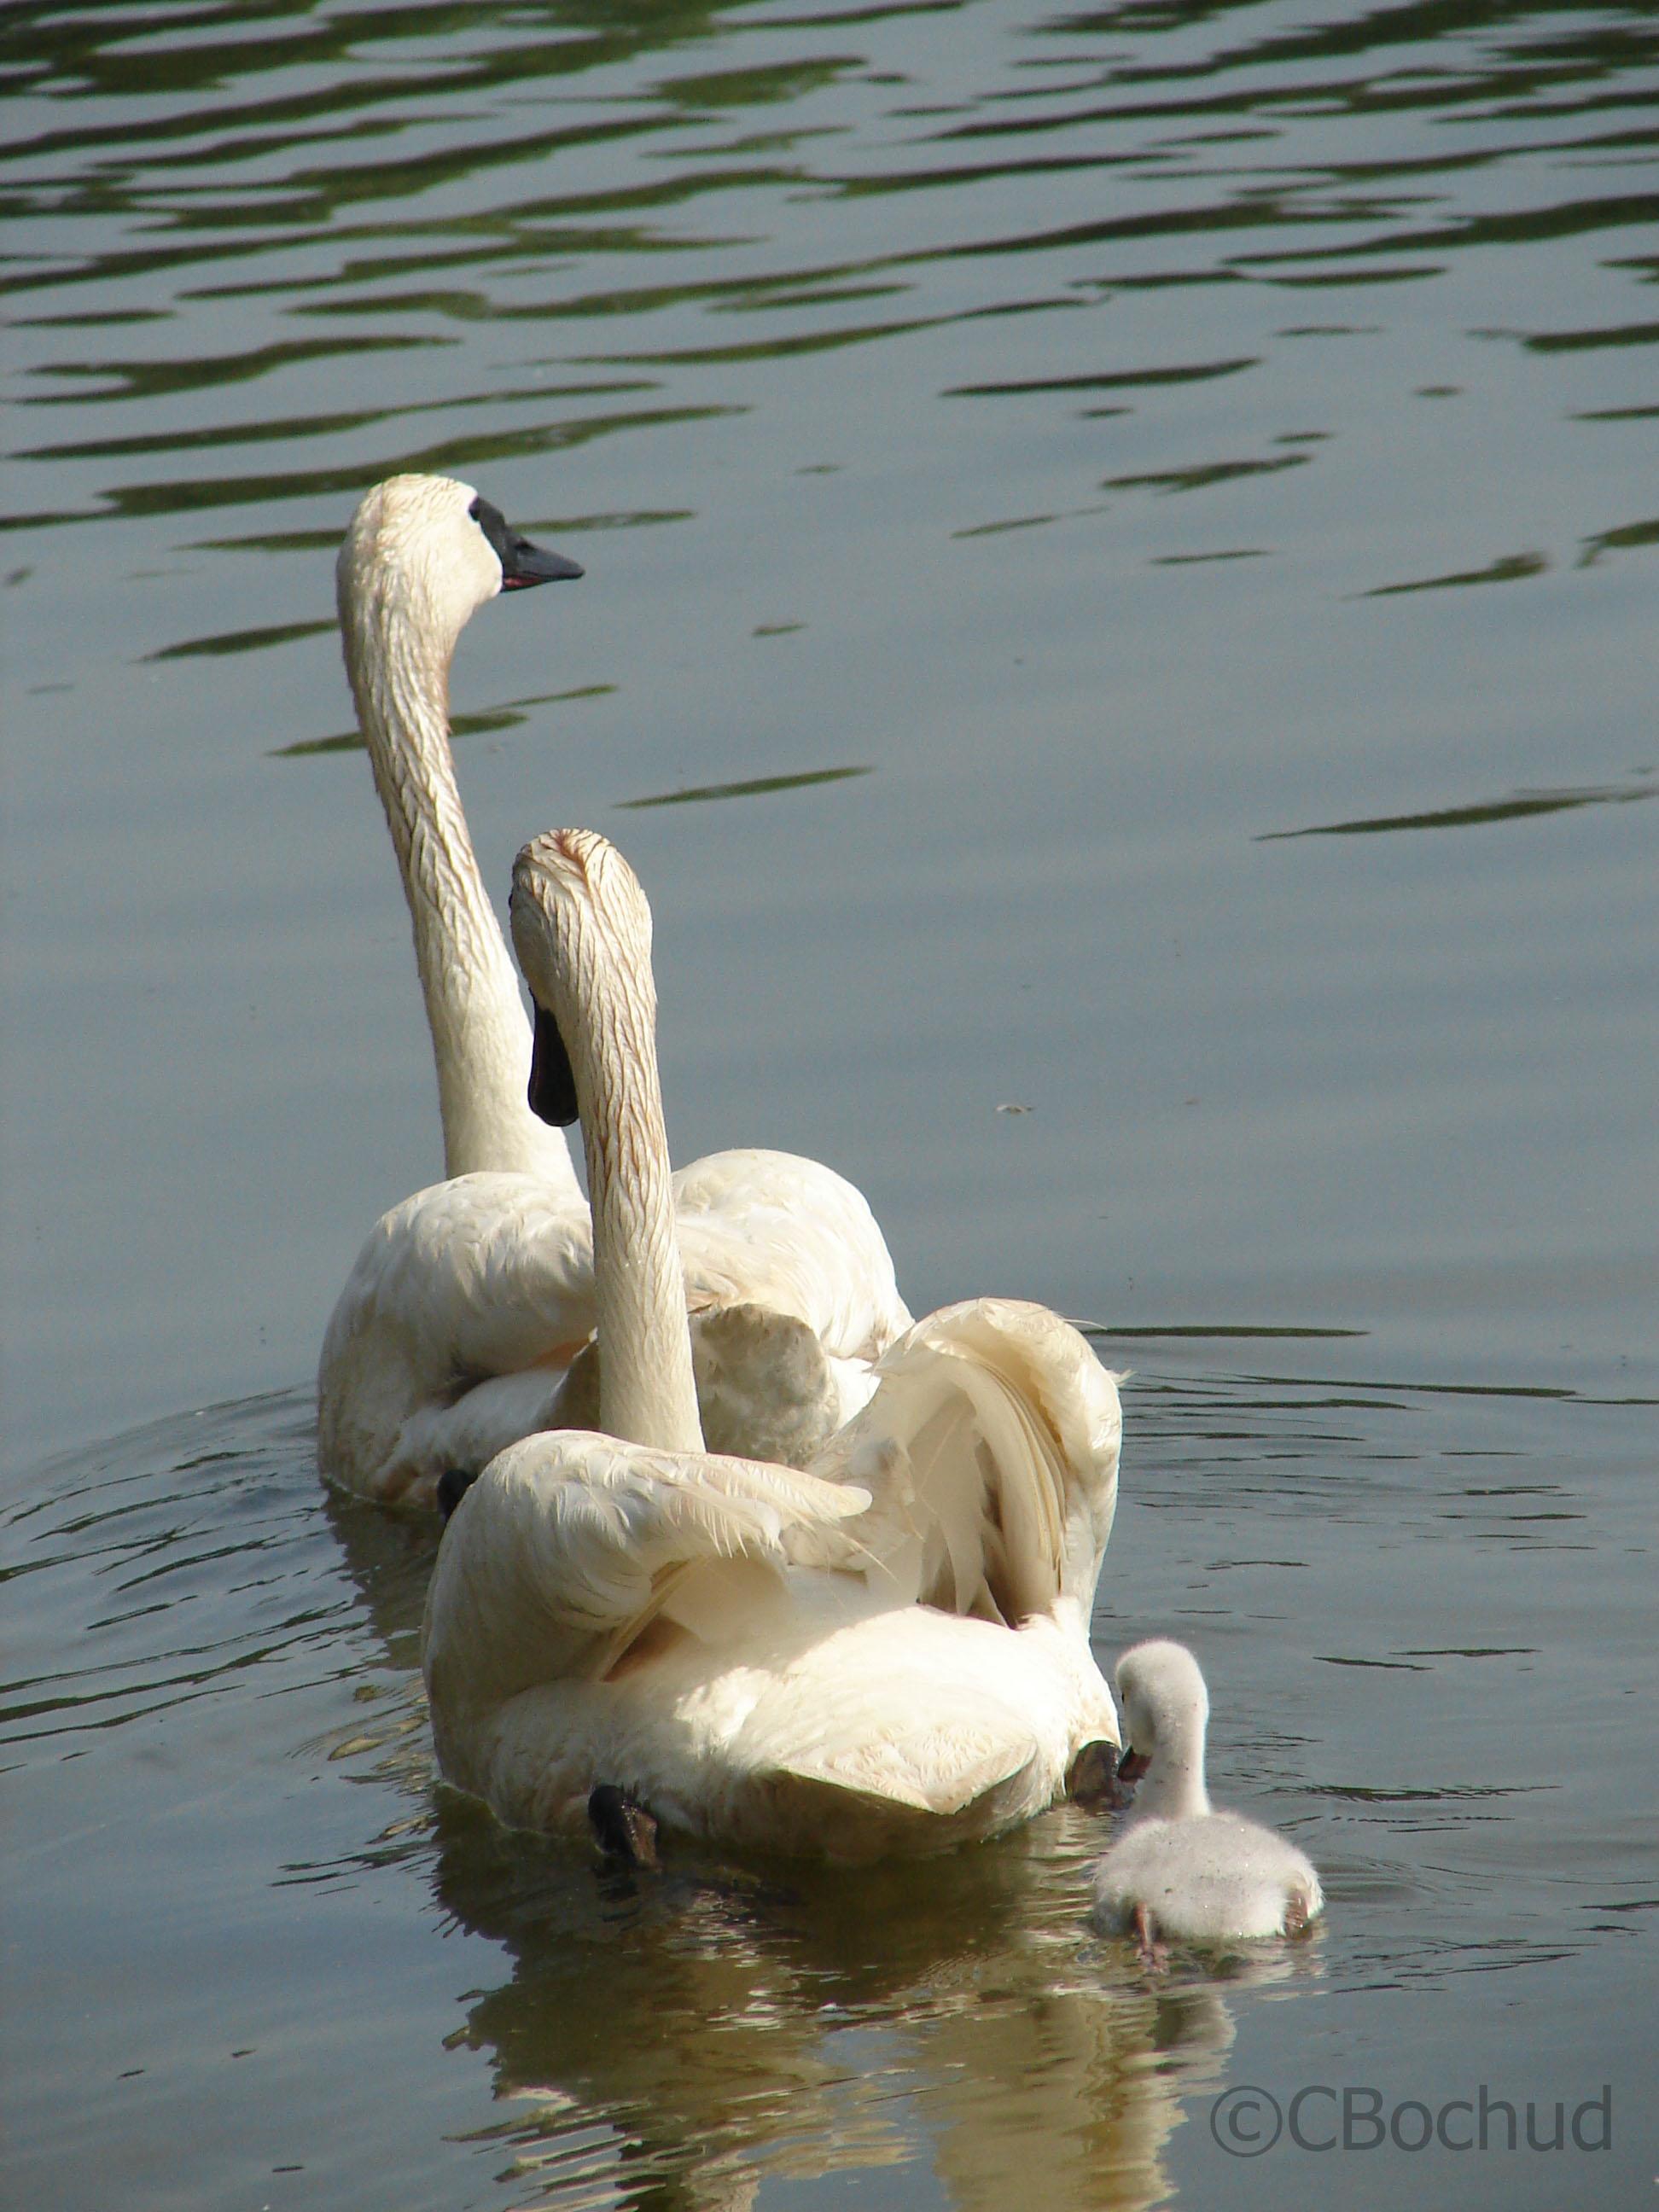 Cygnes en famille, Swan family